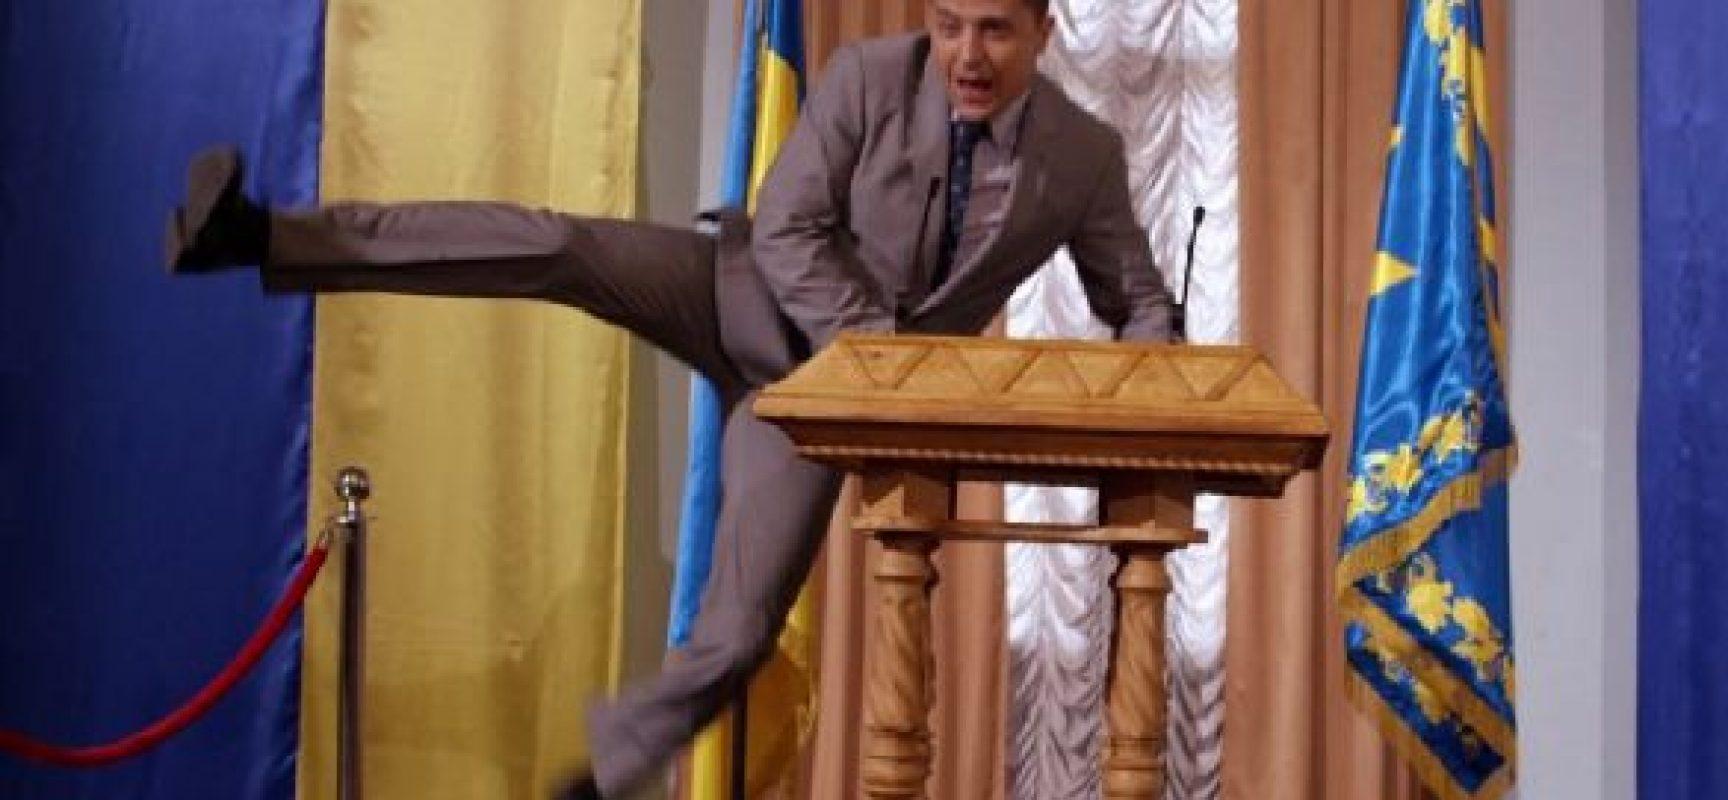 «Слуга народу» в Росії: після вирізаного жарту про Путіна серіал зняли з ефіру